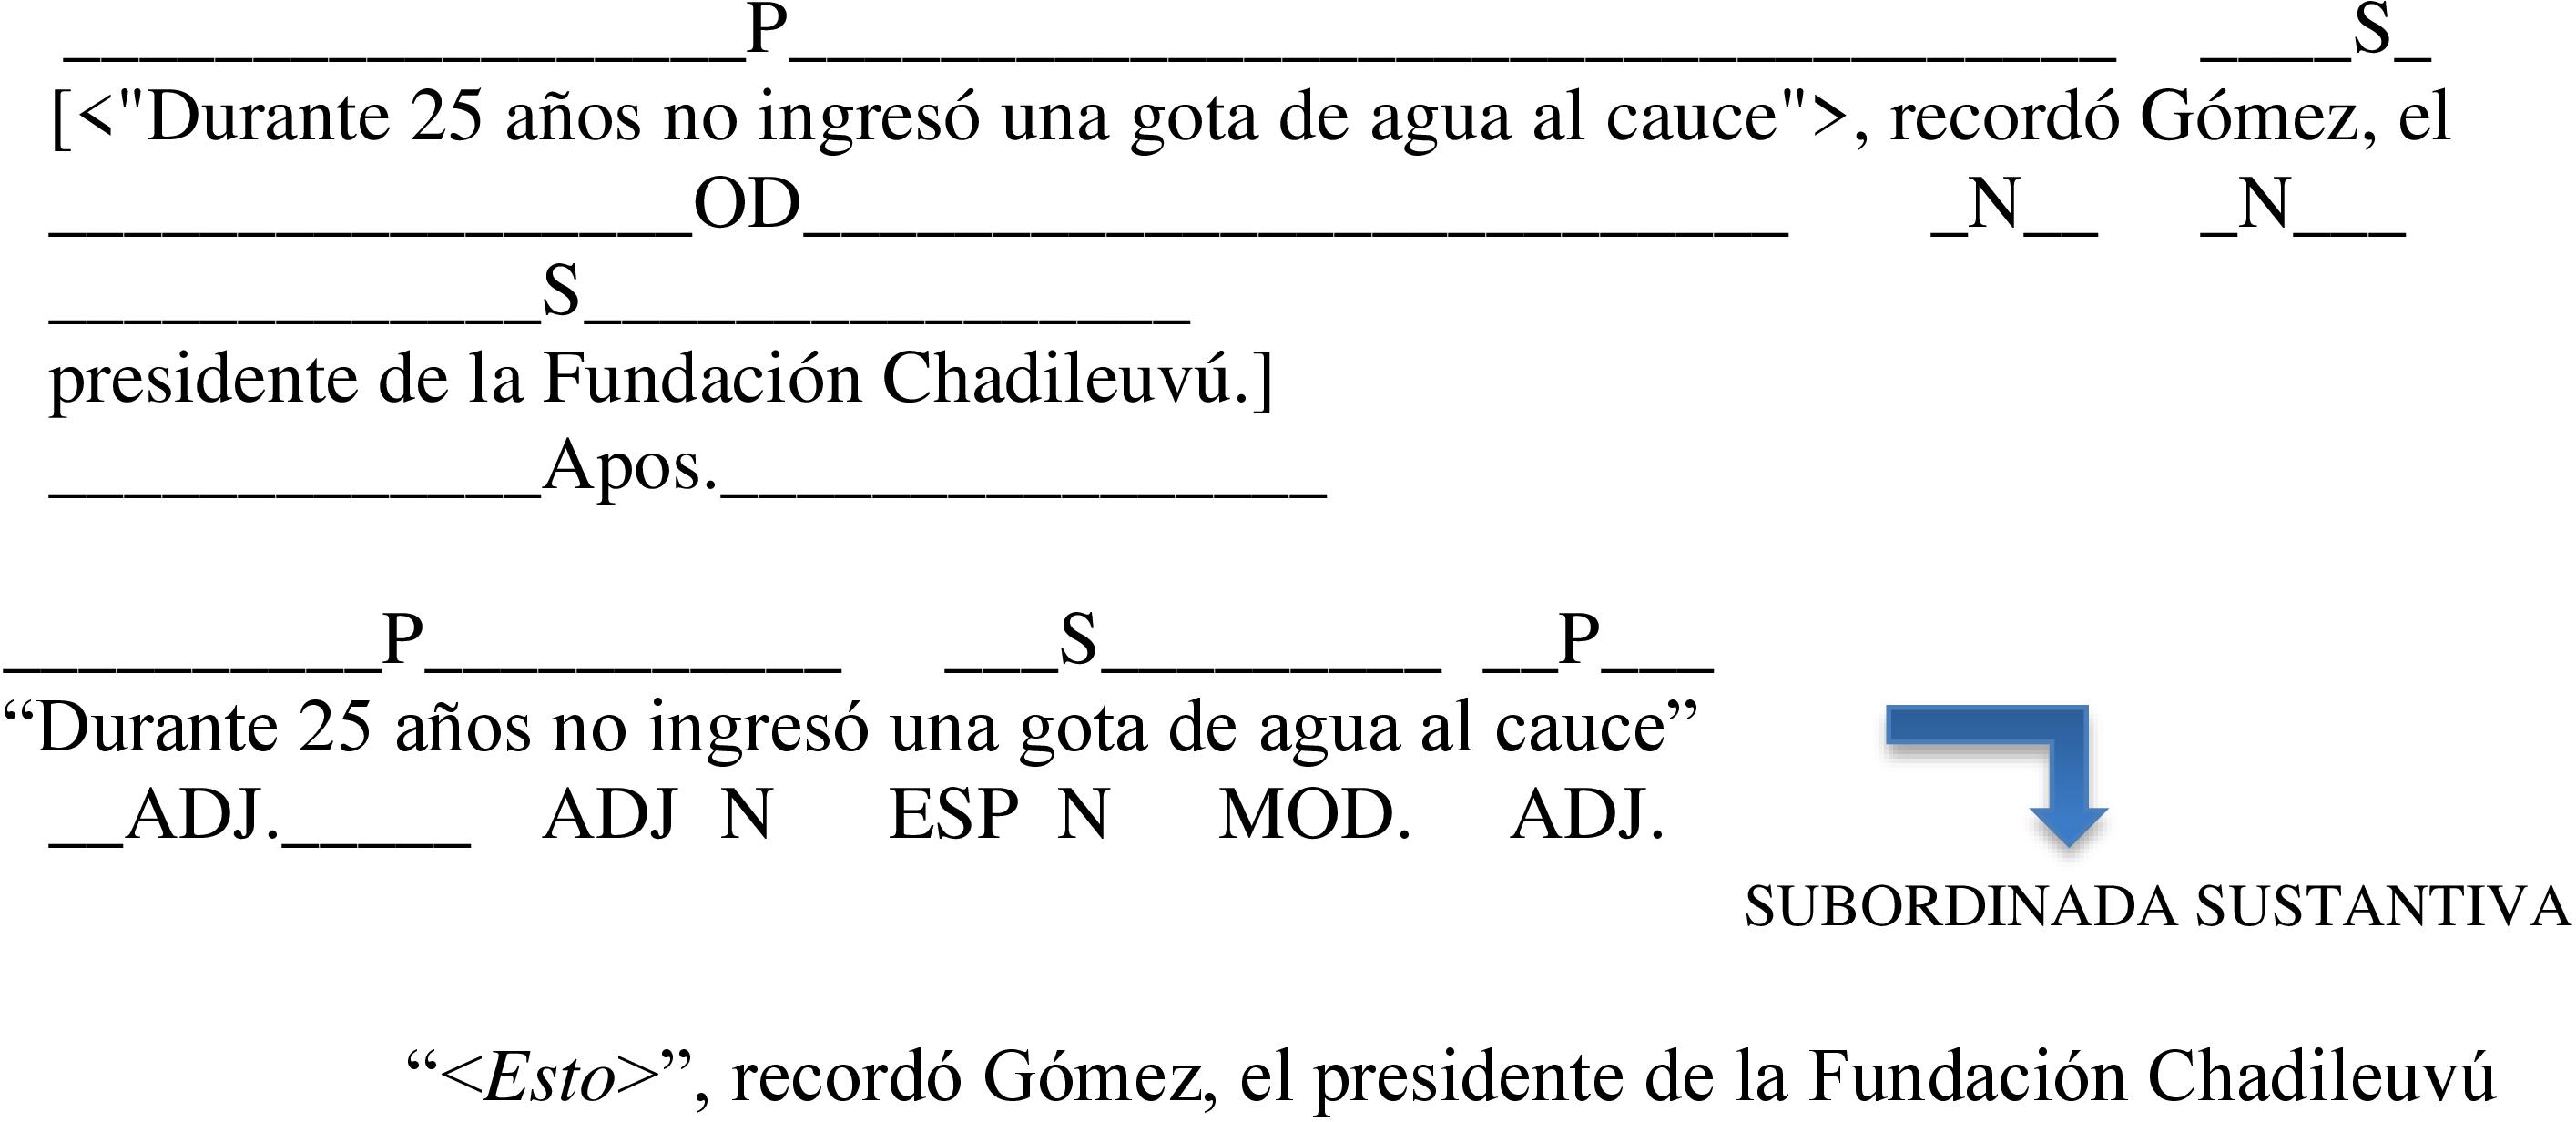 oración-19-cap-3_c